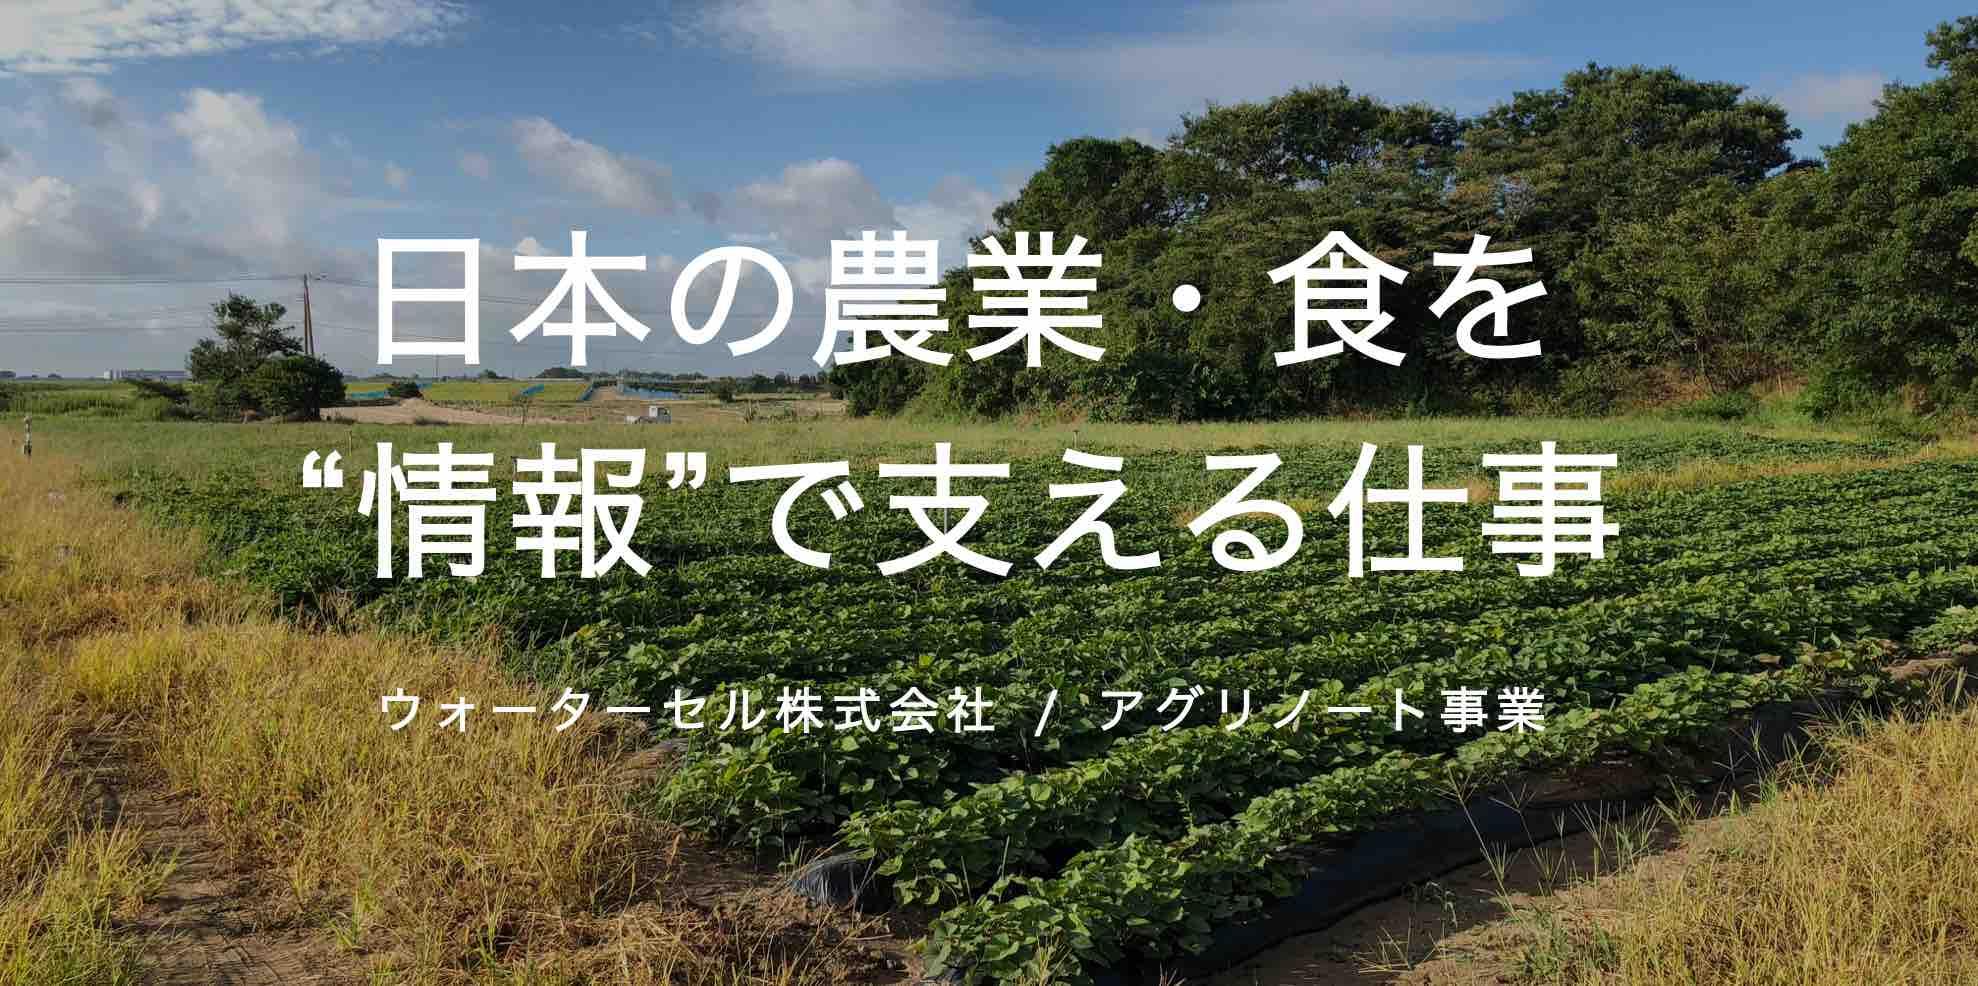 日本の農業・食を「情報」で支える仕事。